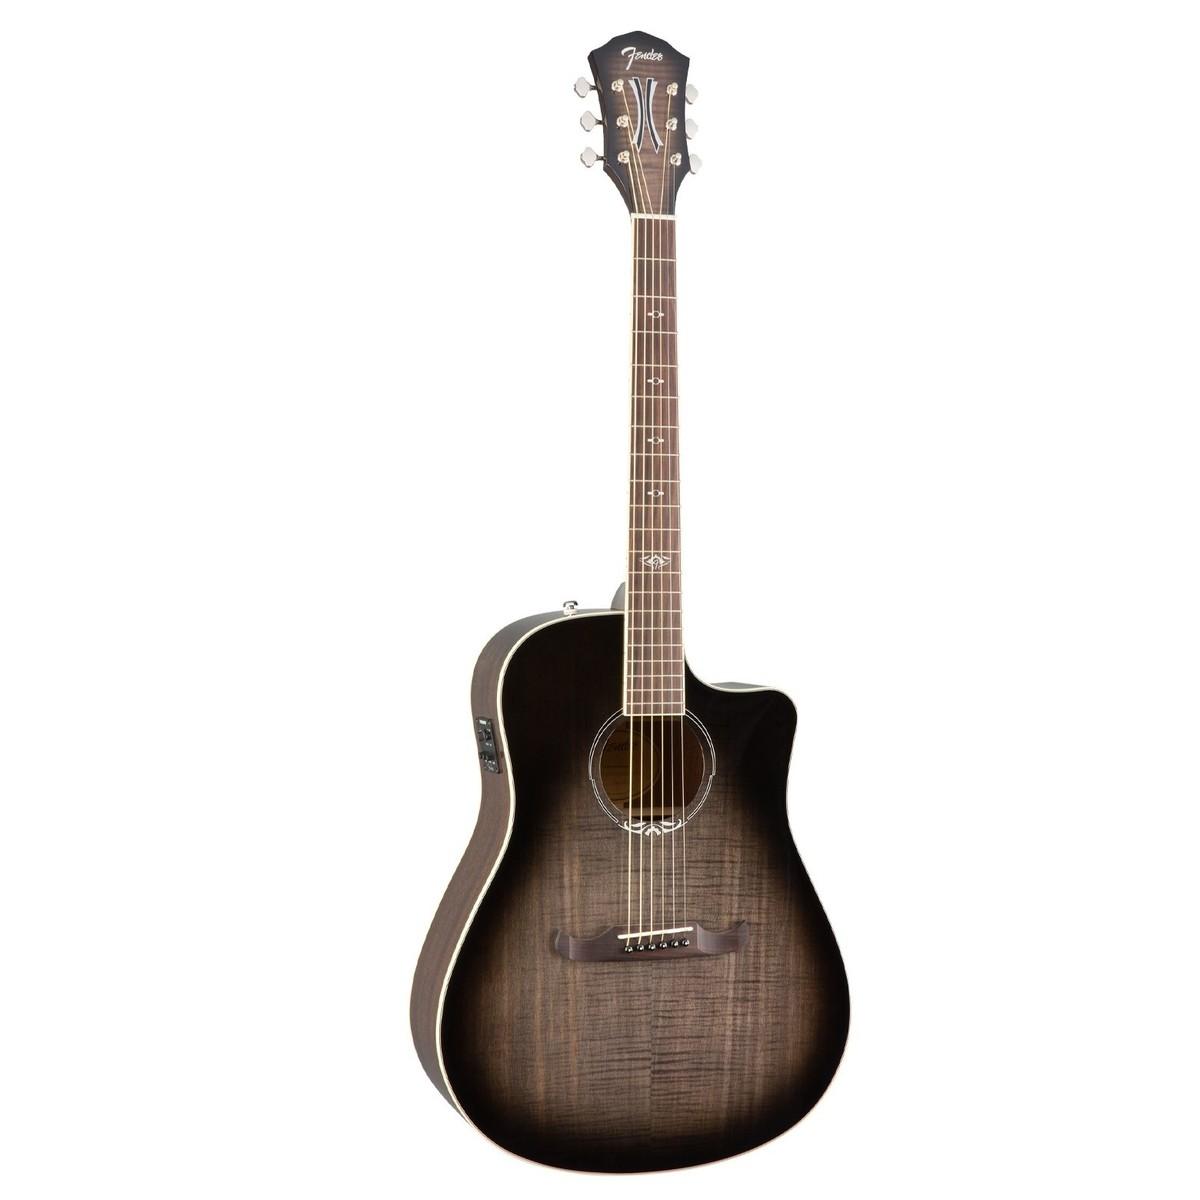 fender t bucket 300ce electro acoustic guitar moonlight burst at. Black Bedroom Furniture Sets. Home Design Ideas